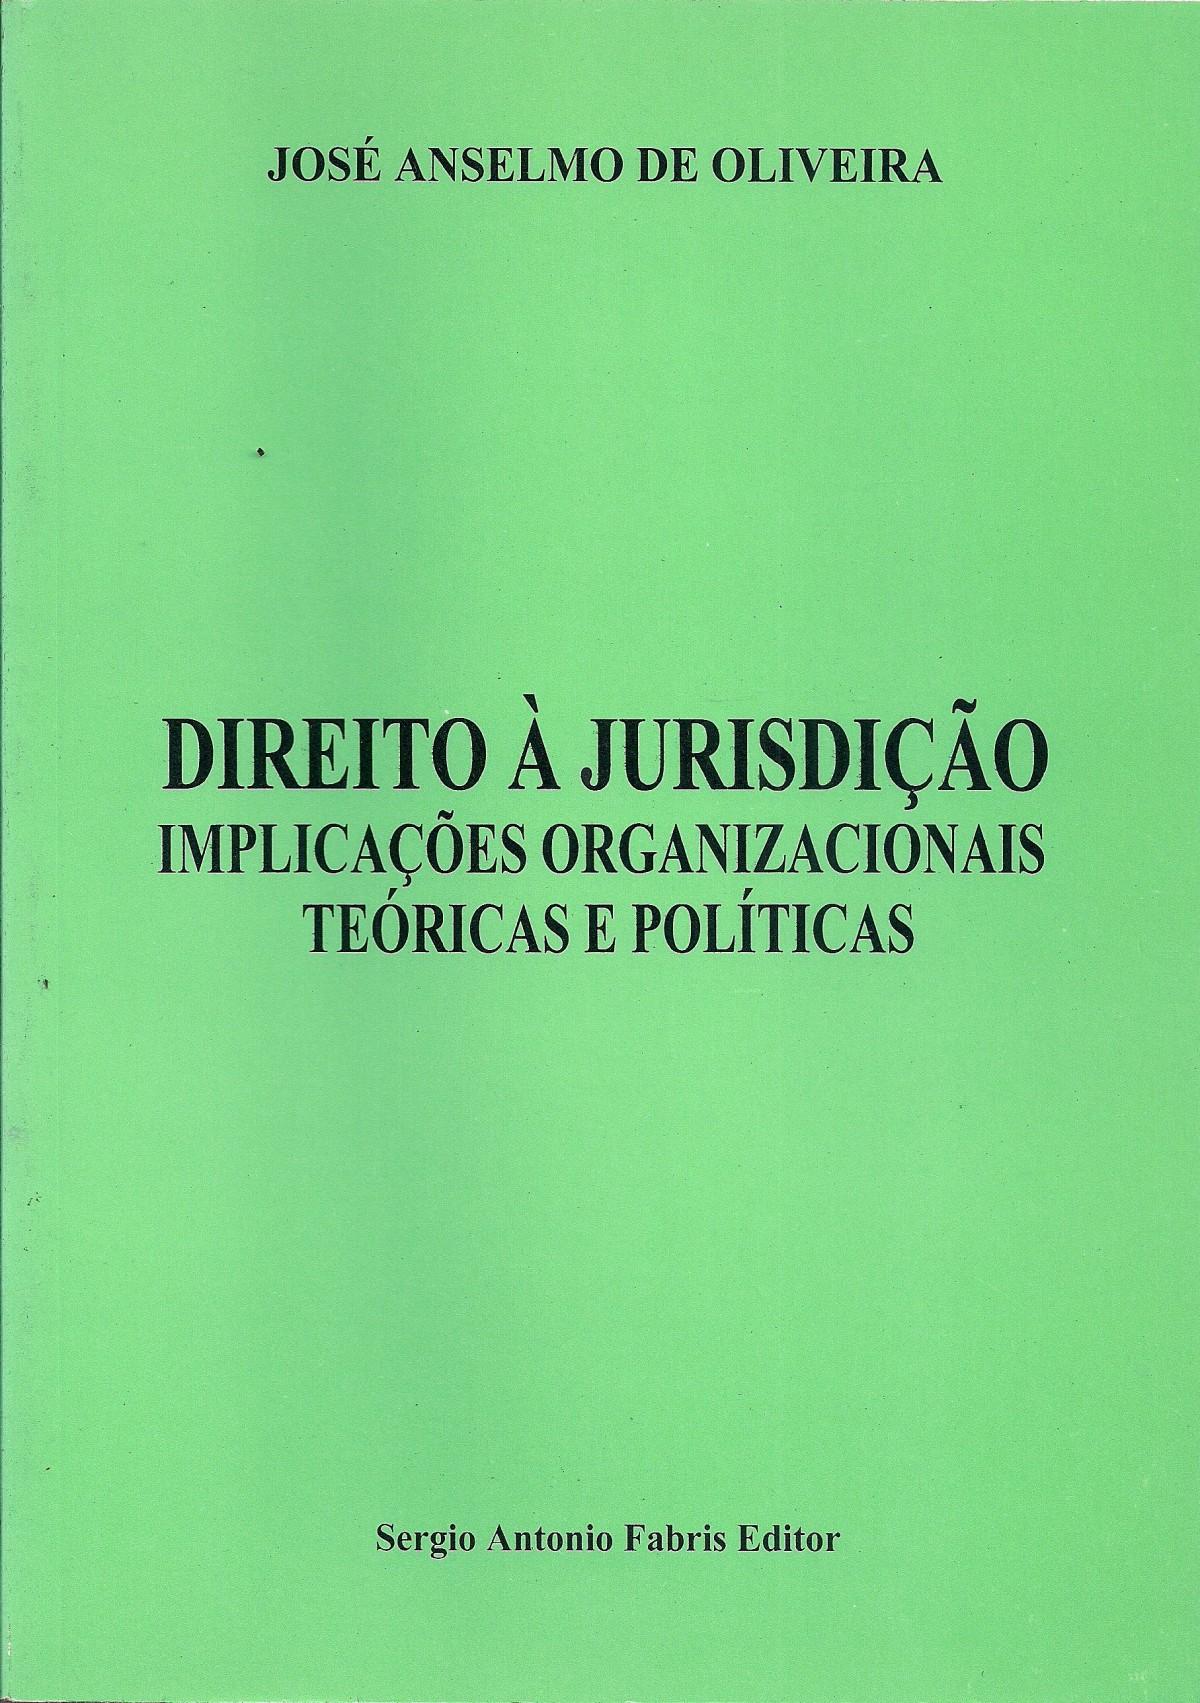 Foto 1 - Direito À Jurisdição: Implicações Organizacionais Teóricas E Políticas